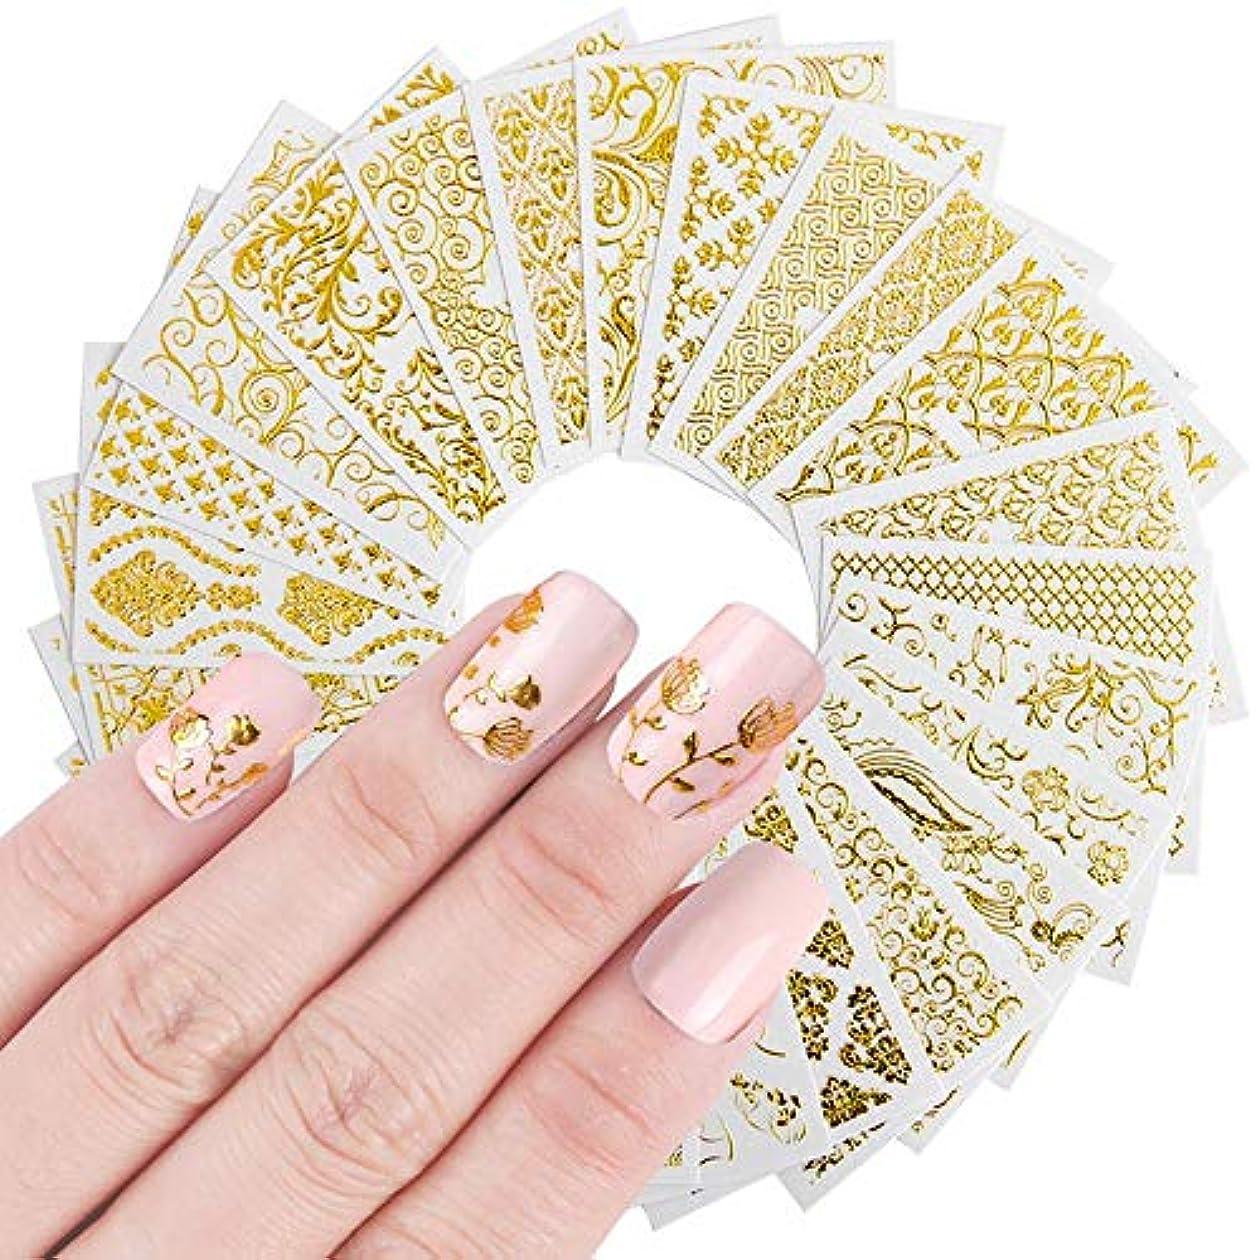 アッティカス審判部族Kingsie ネイルシール 20枚セット ゴールド 貼るだけでいい 3D 金色 ネイルステッカー マニキュア ネイルアート デコレーション レジン